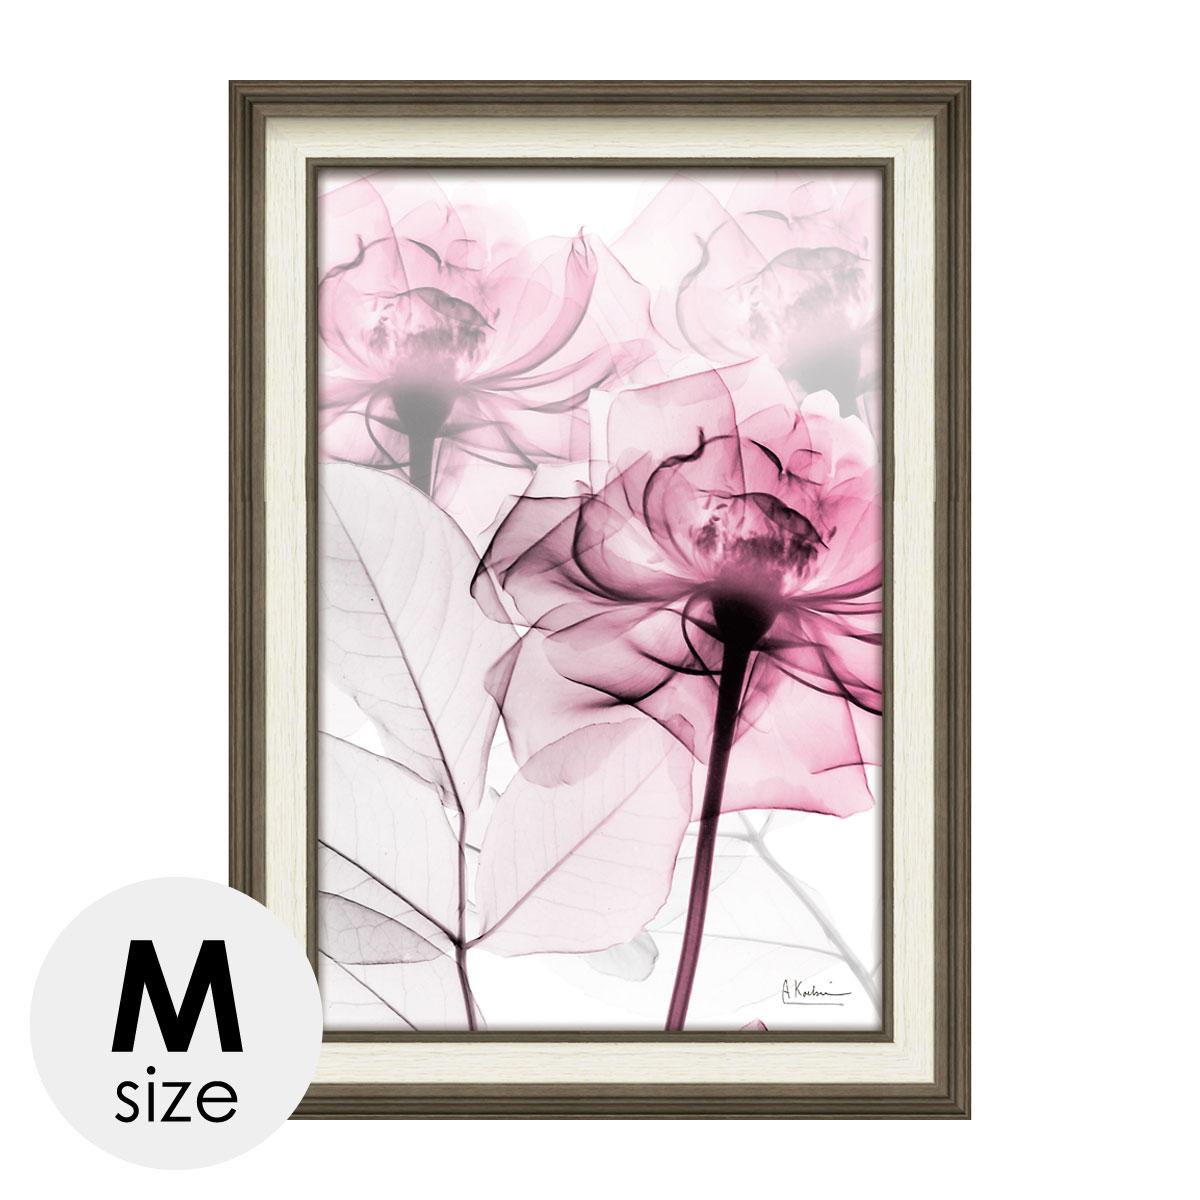 アートパネル 花 薔薇 ばら バラ アートフレーム モダン 額入り X RAY キャンバスアート ピンクローズ Mサイズ